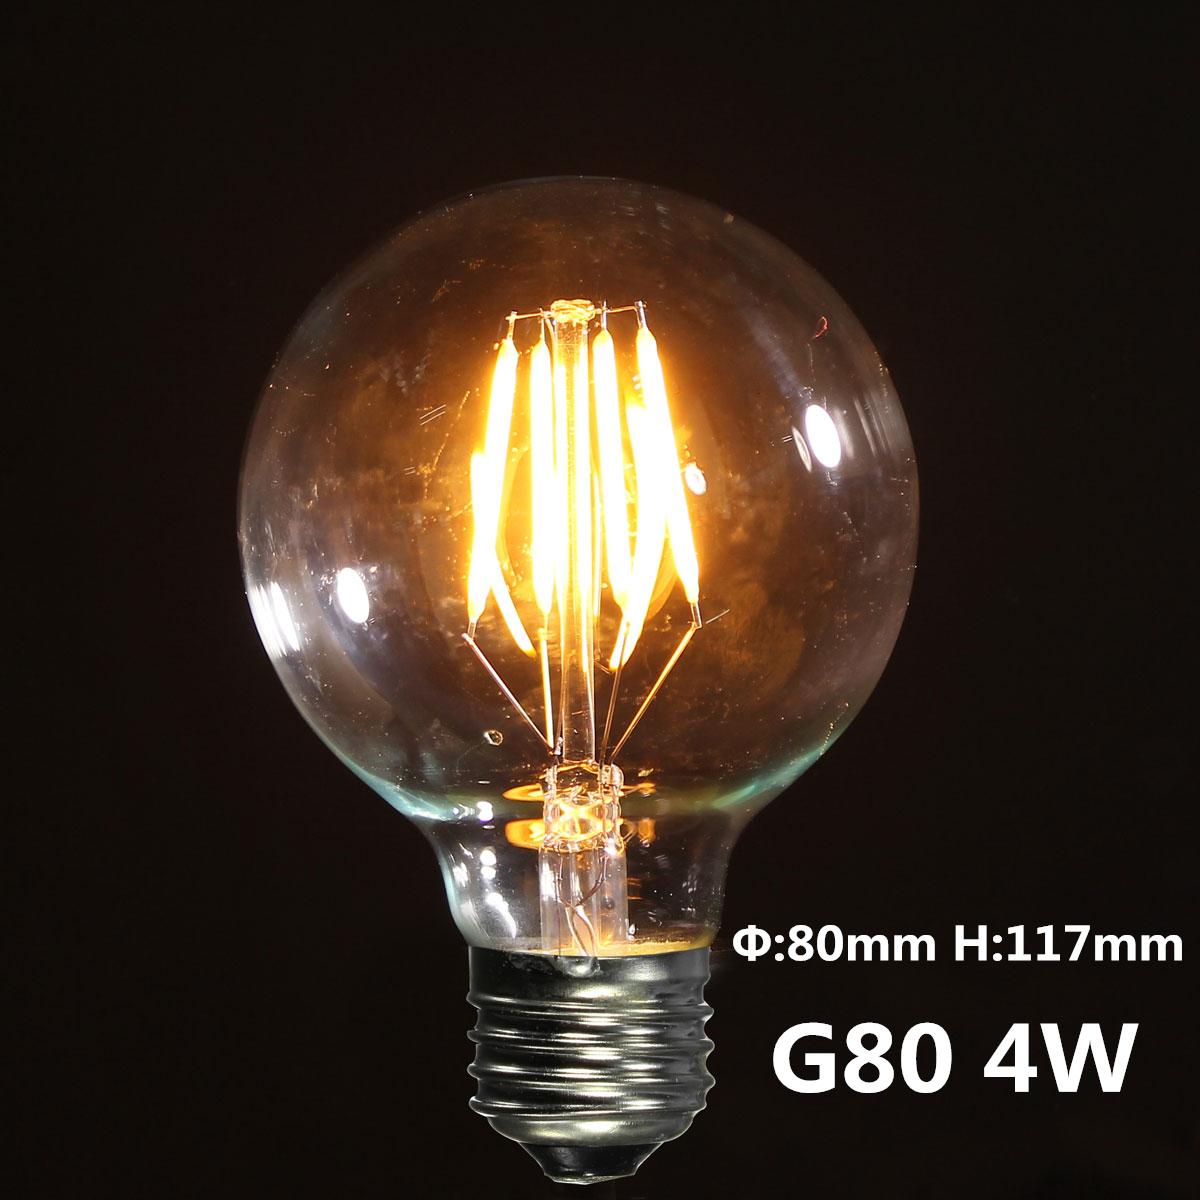 2 3 4w e27 es cob led vintage antique edison style light lamp bulb 240v new ebay. Black Bedroom Furniture Sets. Home Design Ideas